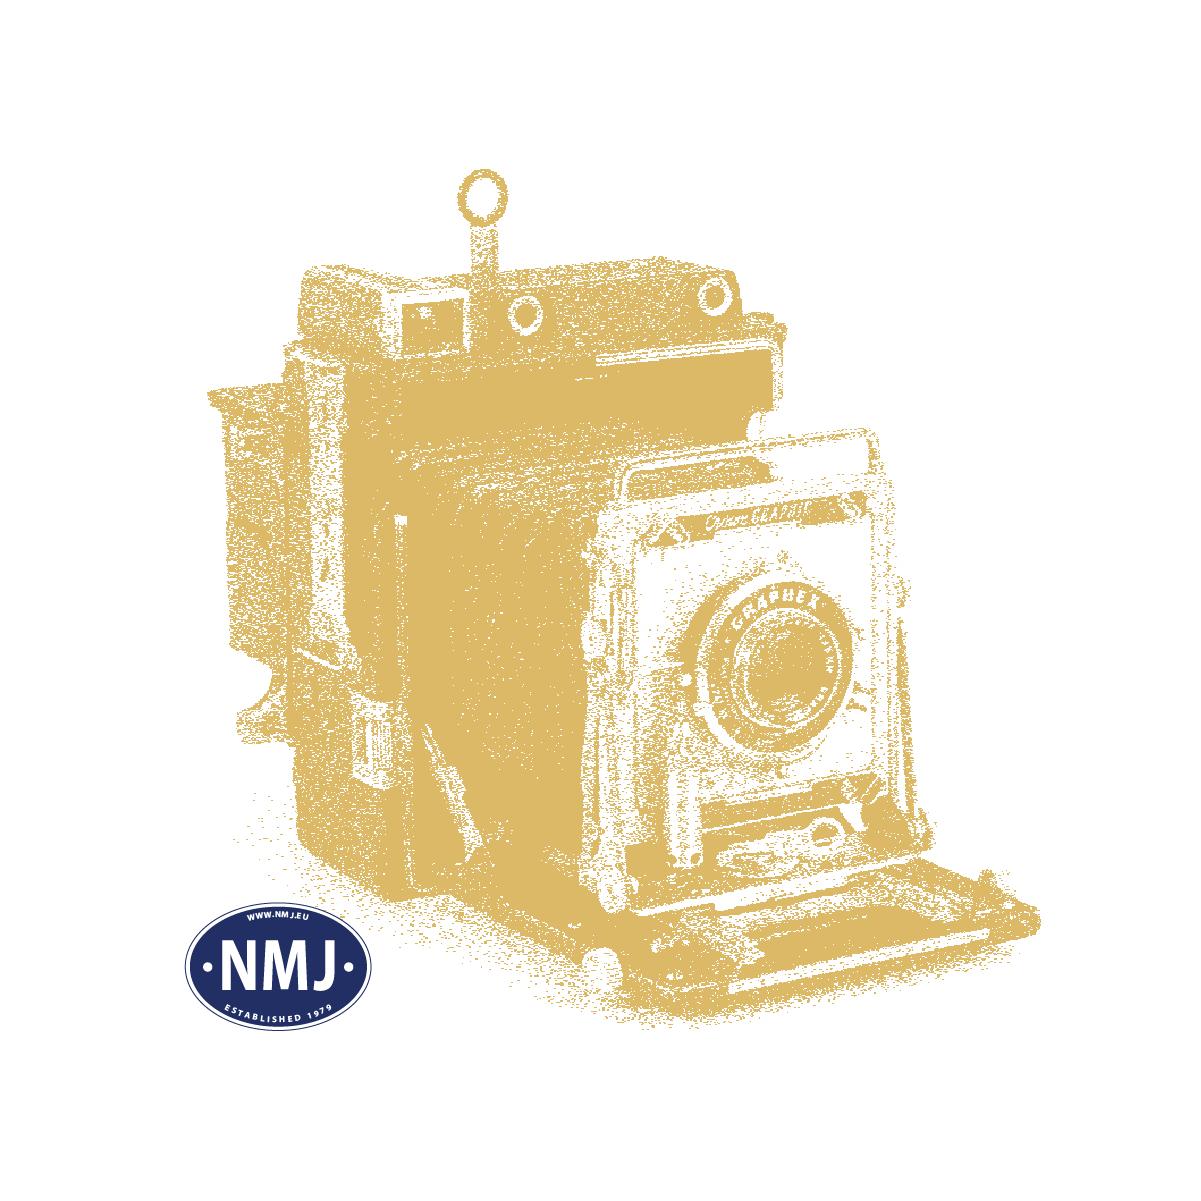 MBR54-0206 - Statisk Gress,  Beige, 50g, 2mm